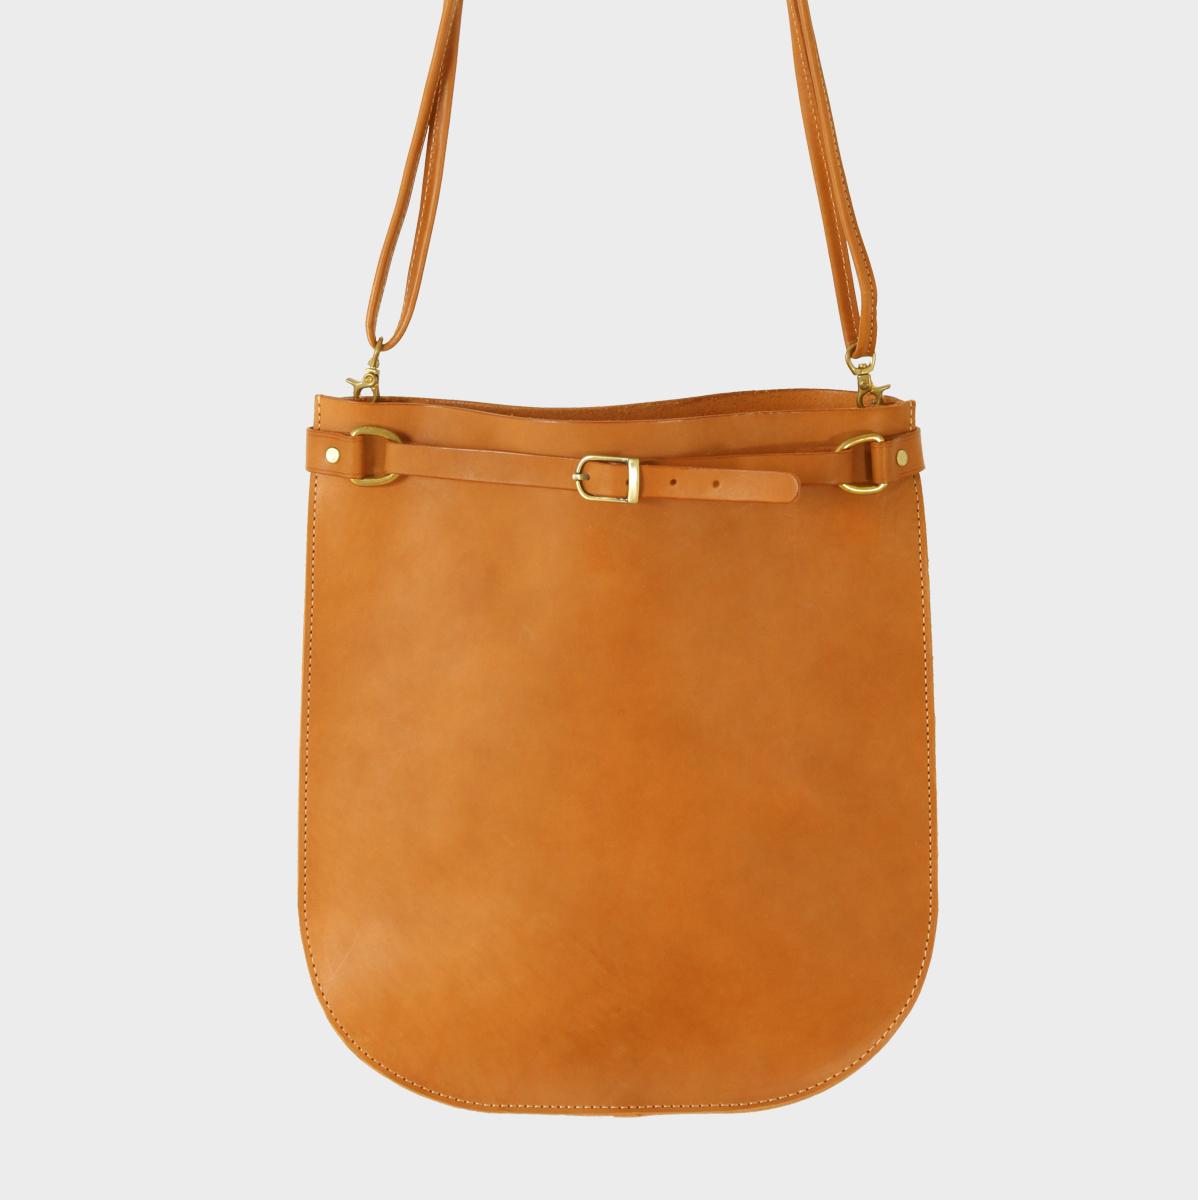 馬鞍肩背包Saddle Shoulder Bag   NT$ 4,980  HDA0019